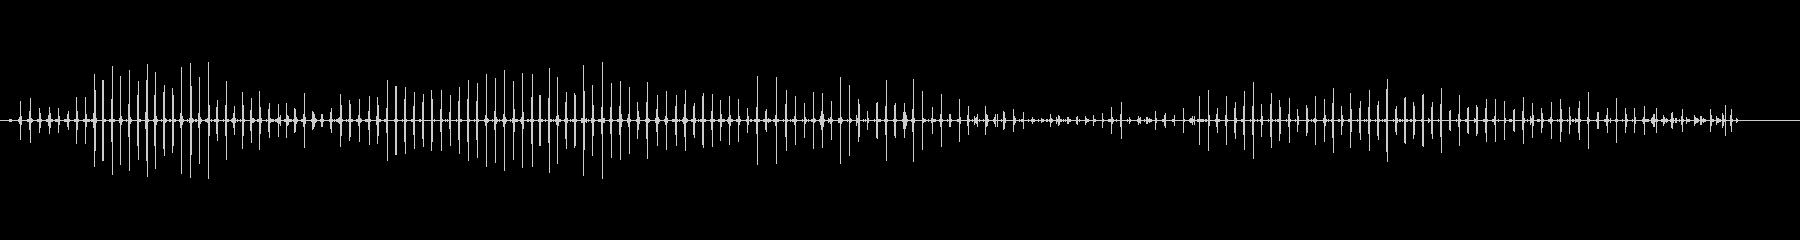 馬-速歩-固い表面-乗車-哺乳類1_03の未再生の波形